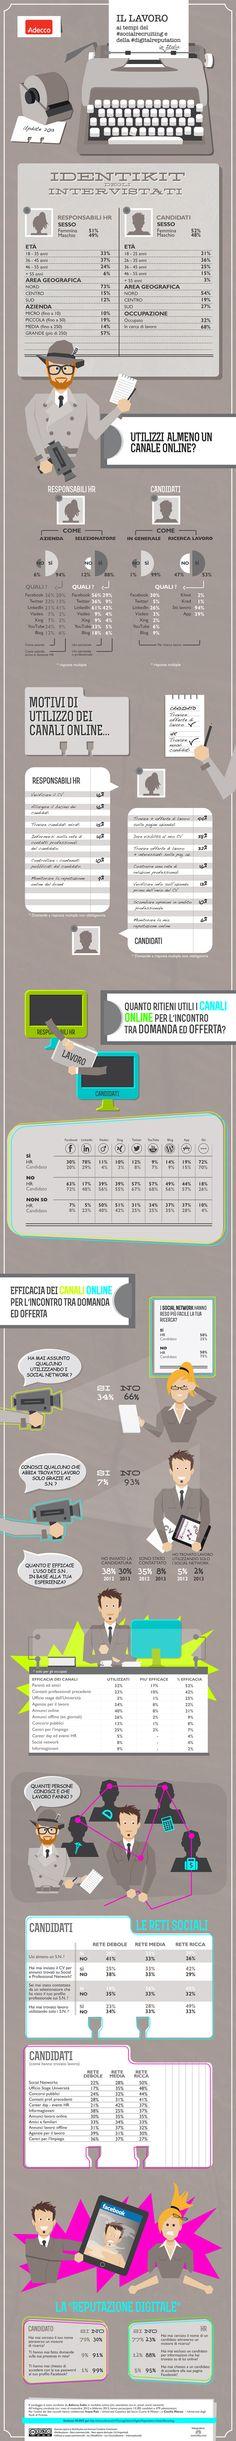 infografica su come cercare lavoro ai tempi del social recruiting fonte: Adecco